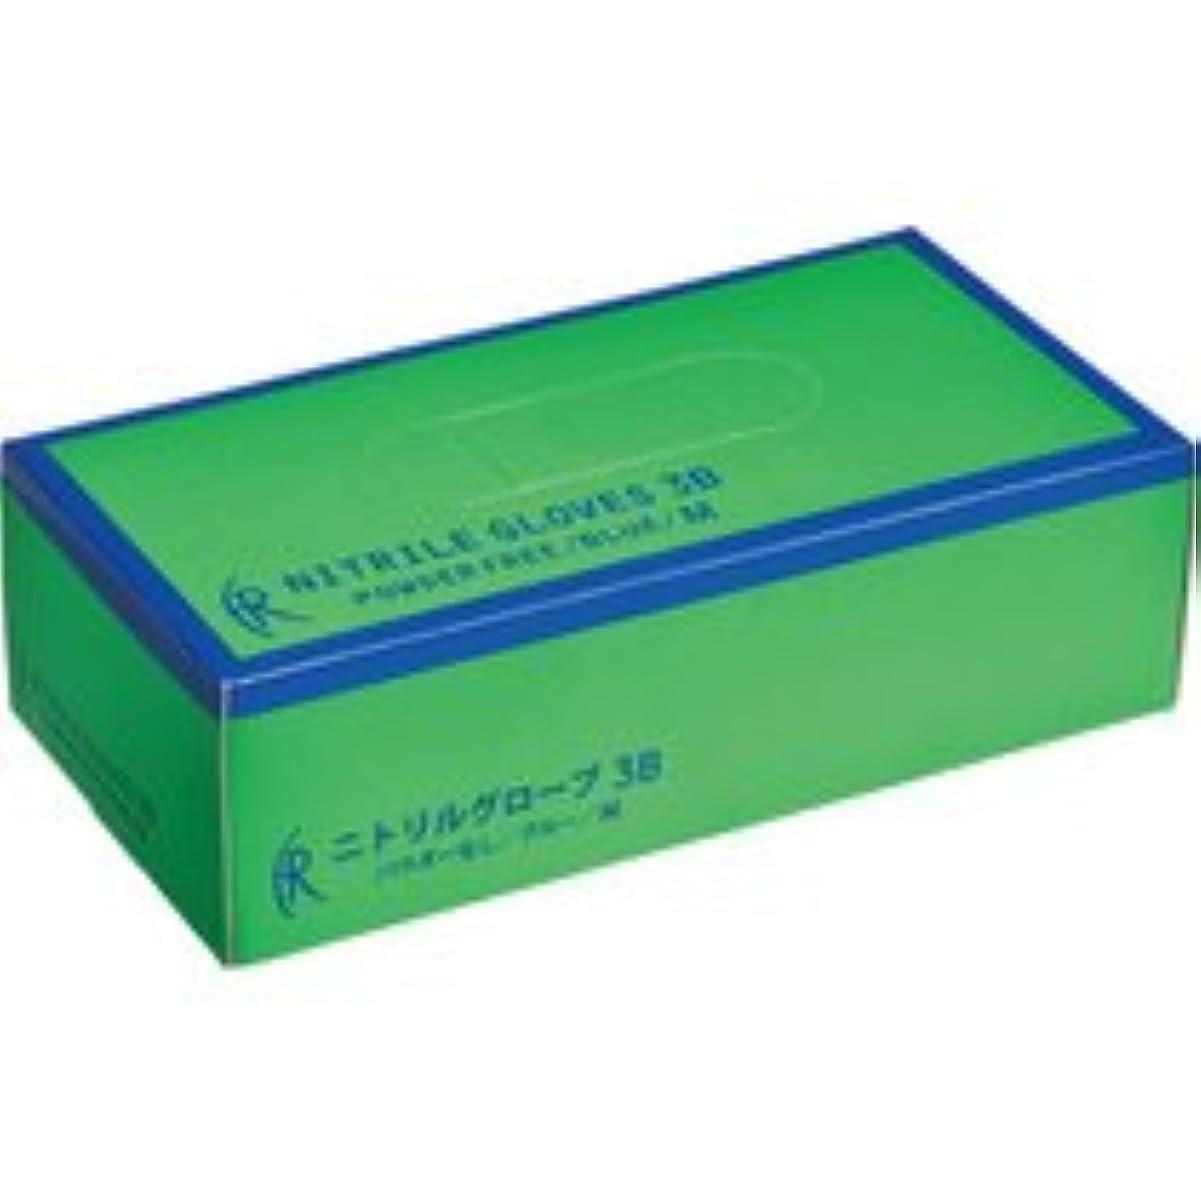 アダルトコンパクトコットンファーストレイト ニトリルグローブ3B パウダーフリー M FR-5662 1箱(200枚)